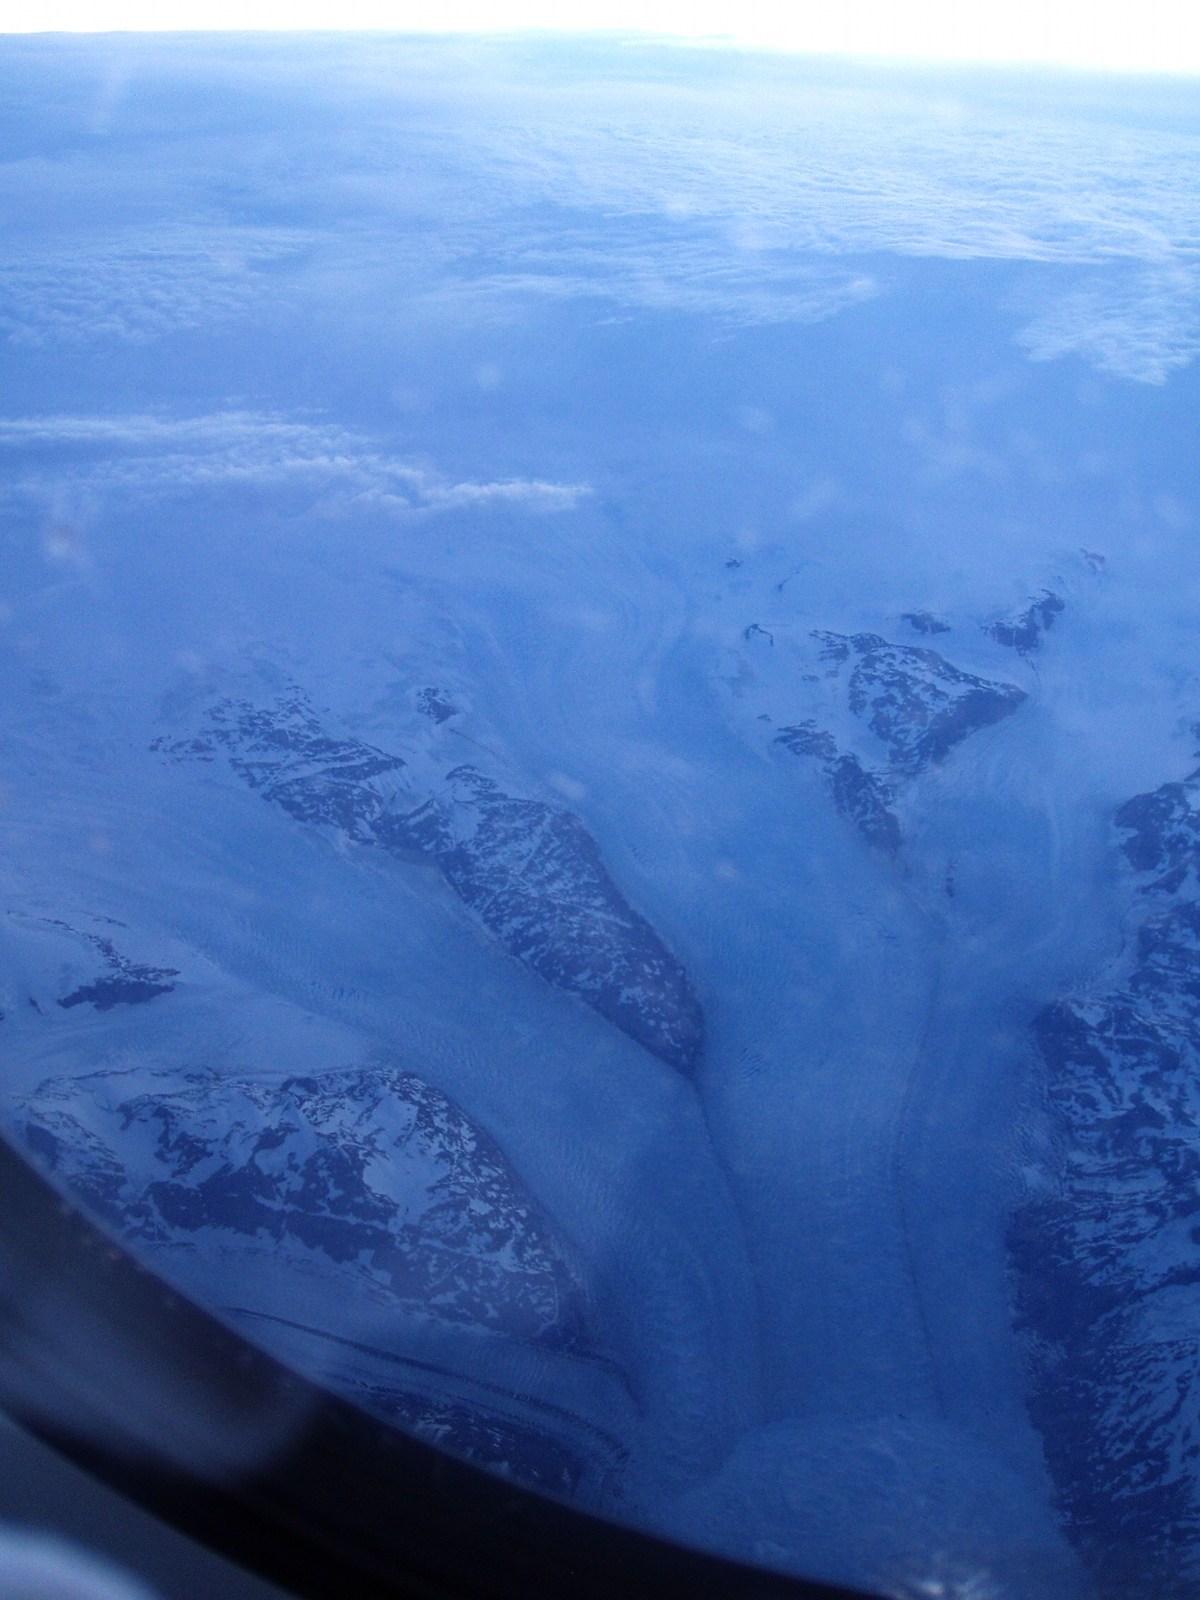 Pursuing polar studies from below the Arctic Circle